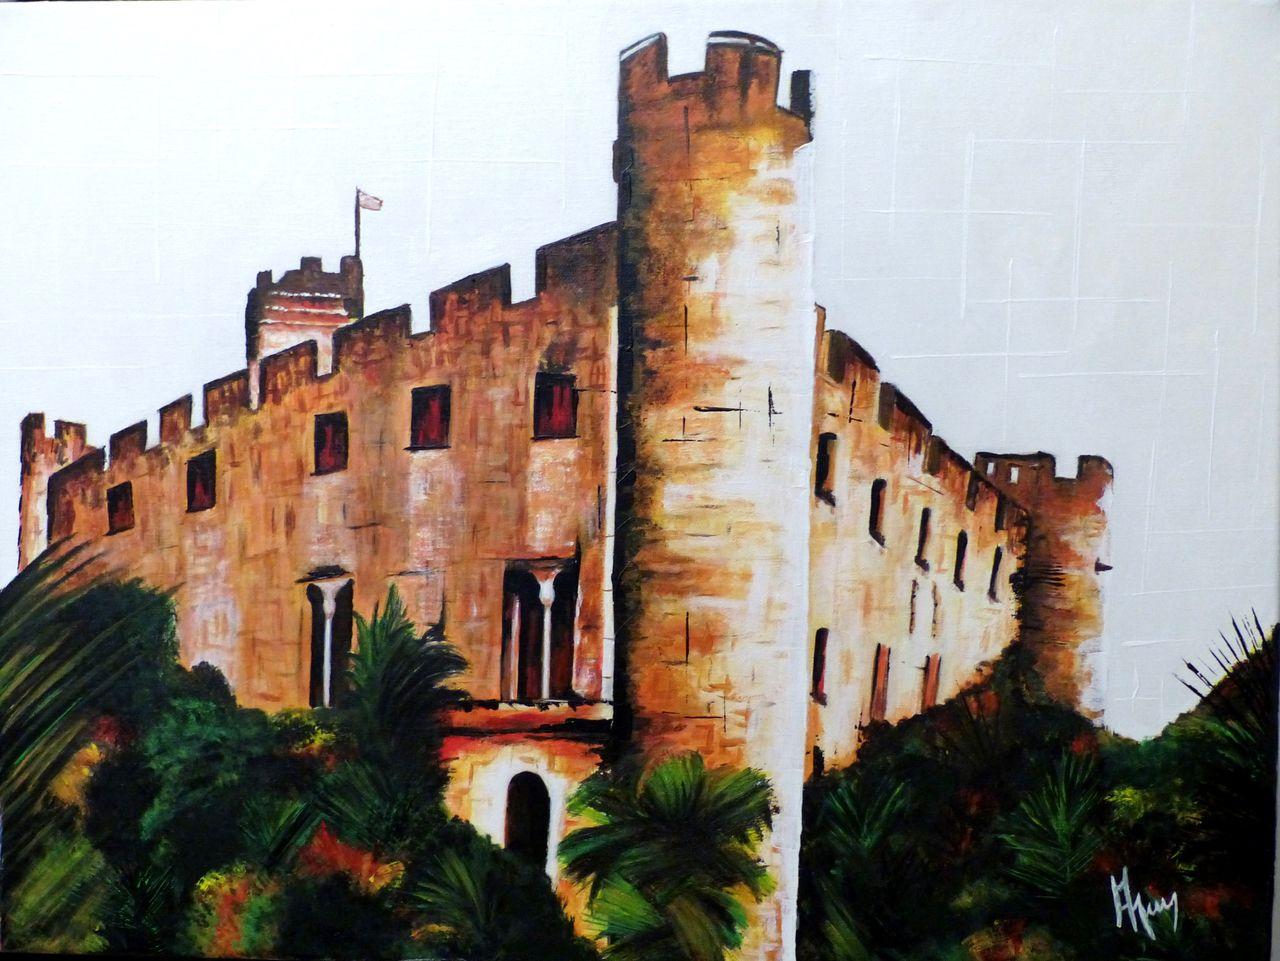 veronique AGUILLON Le château (Villeneuve Loubet)